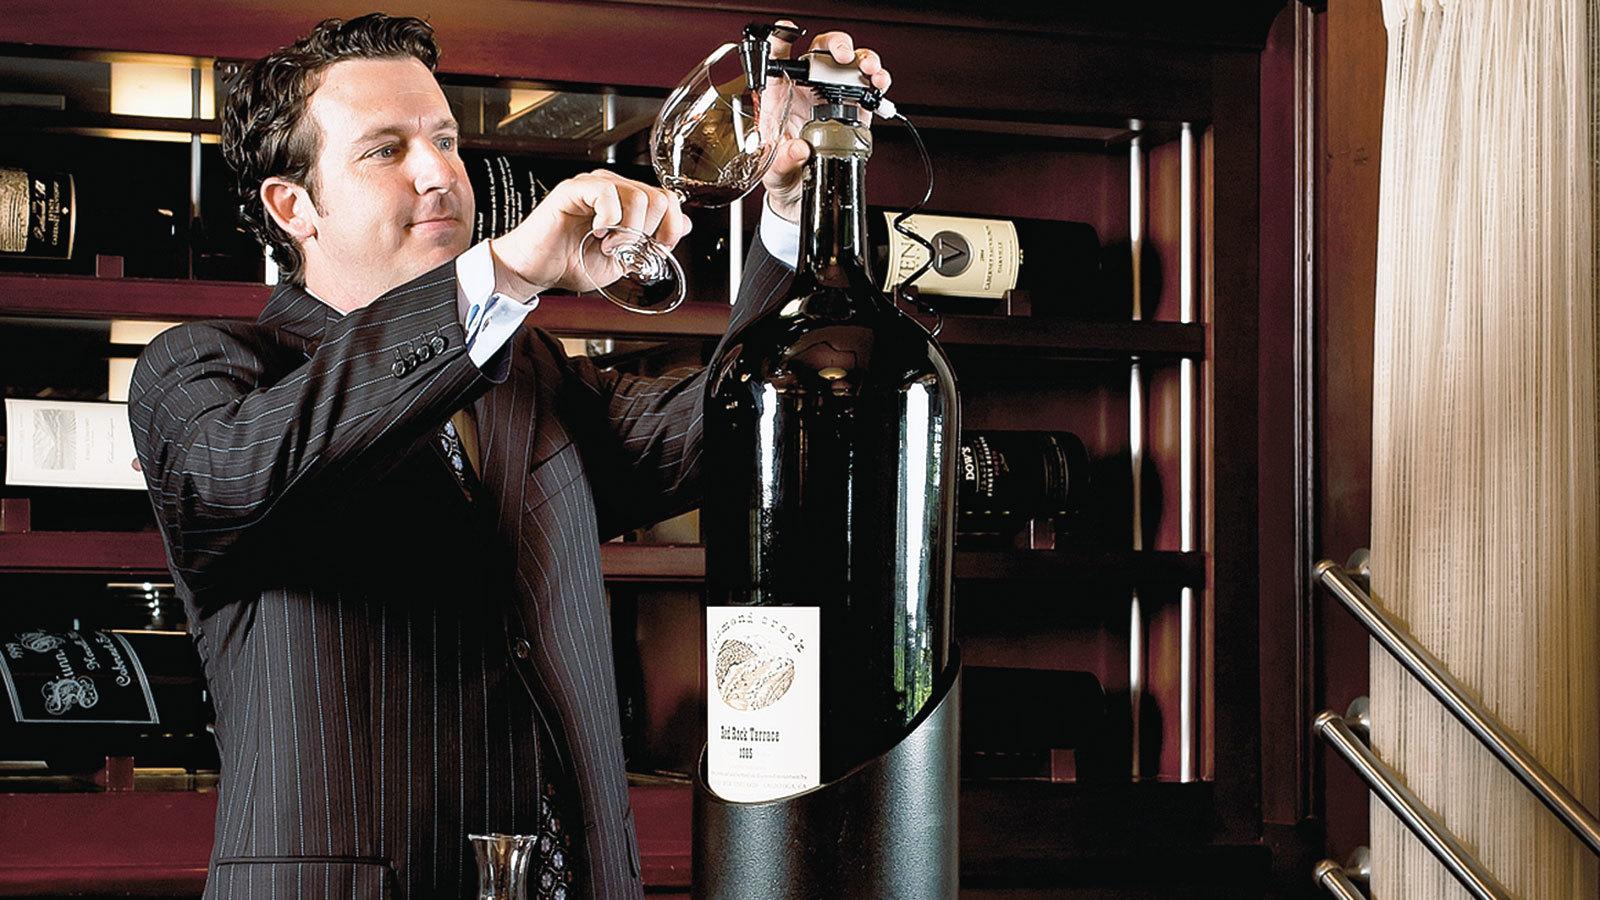 Restaurants Big On Large-format Bottles photo